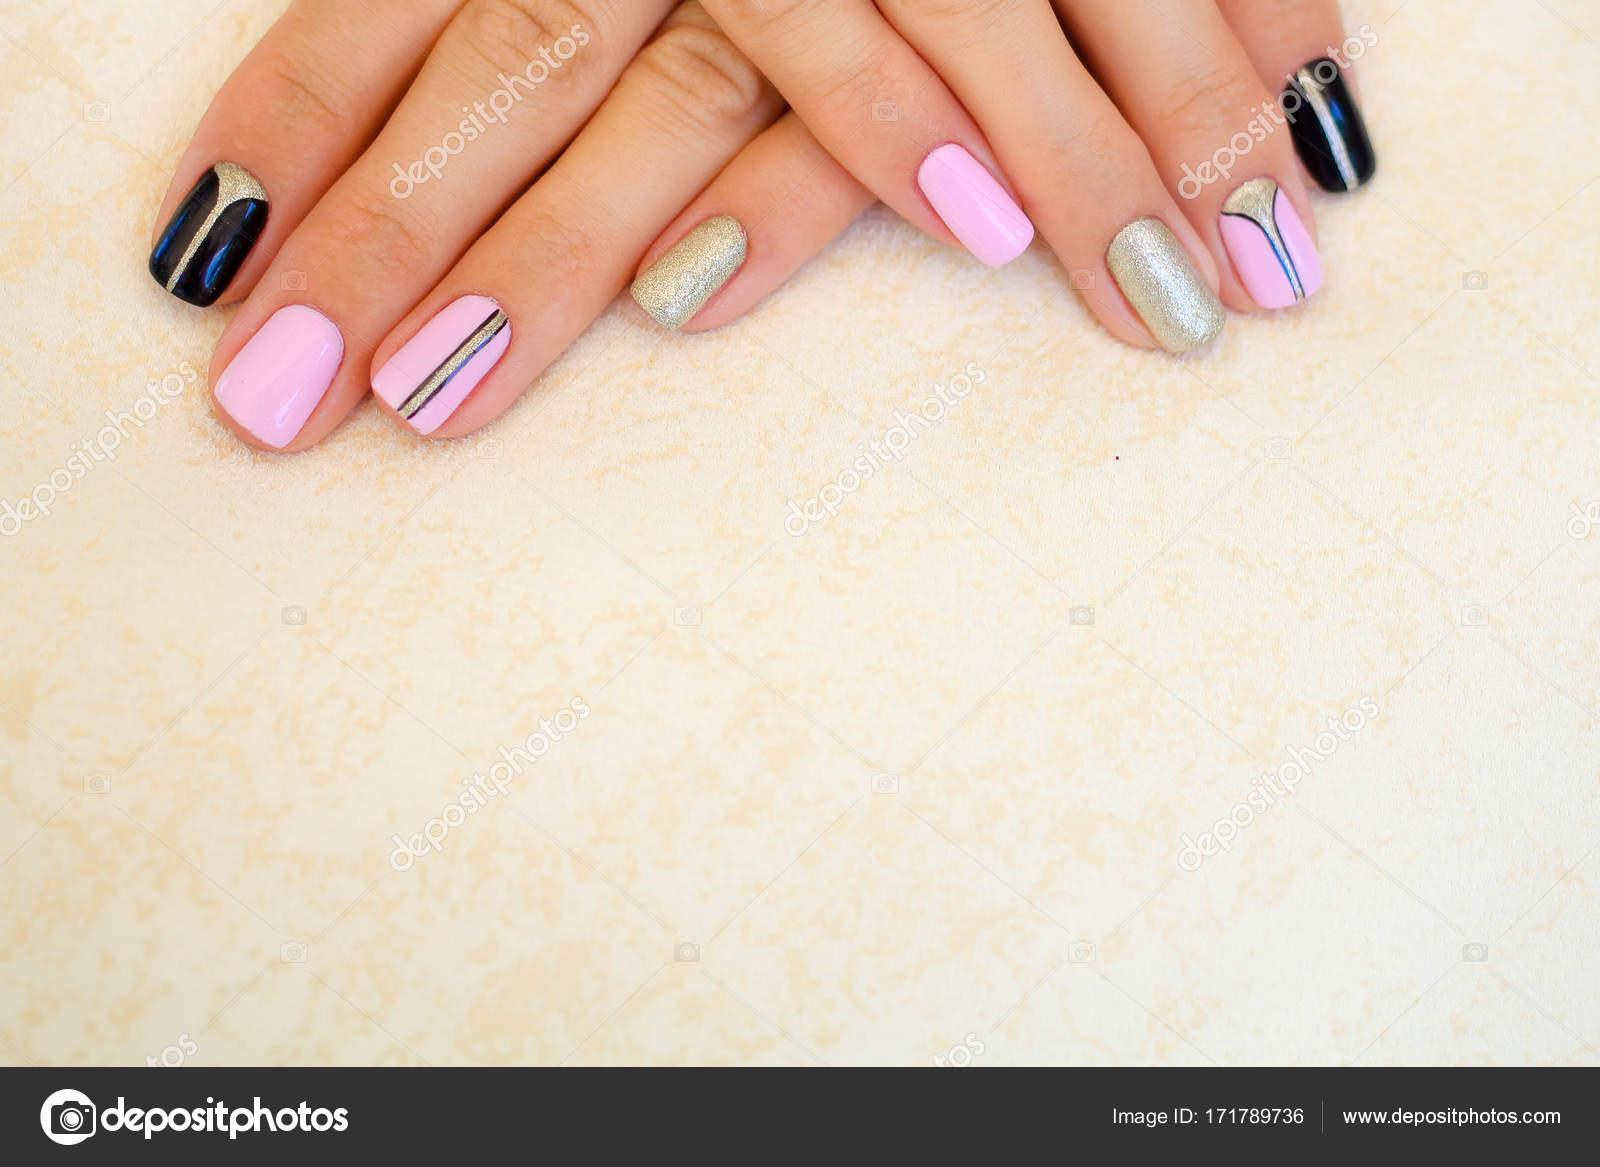 Natural Nails Gel Polish Stylish Nails Nailpolish Nail